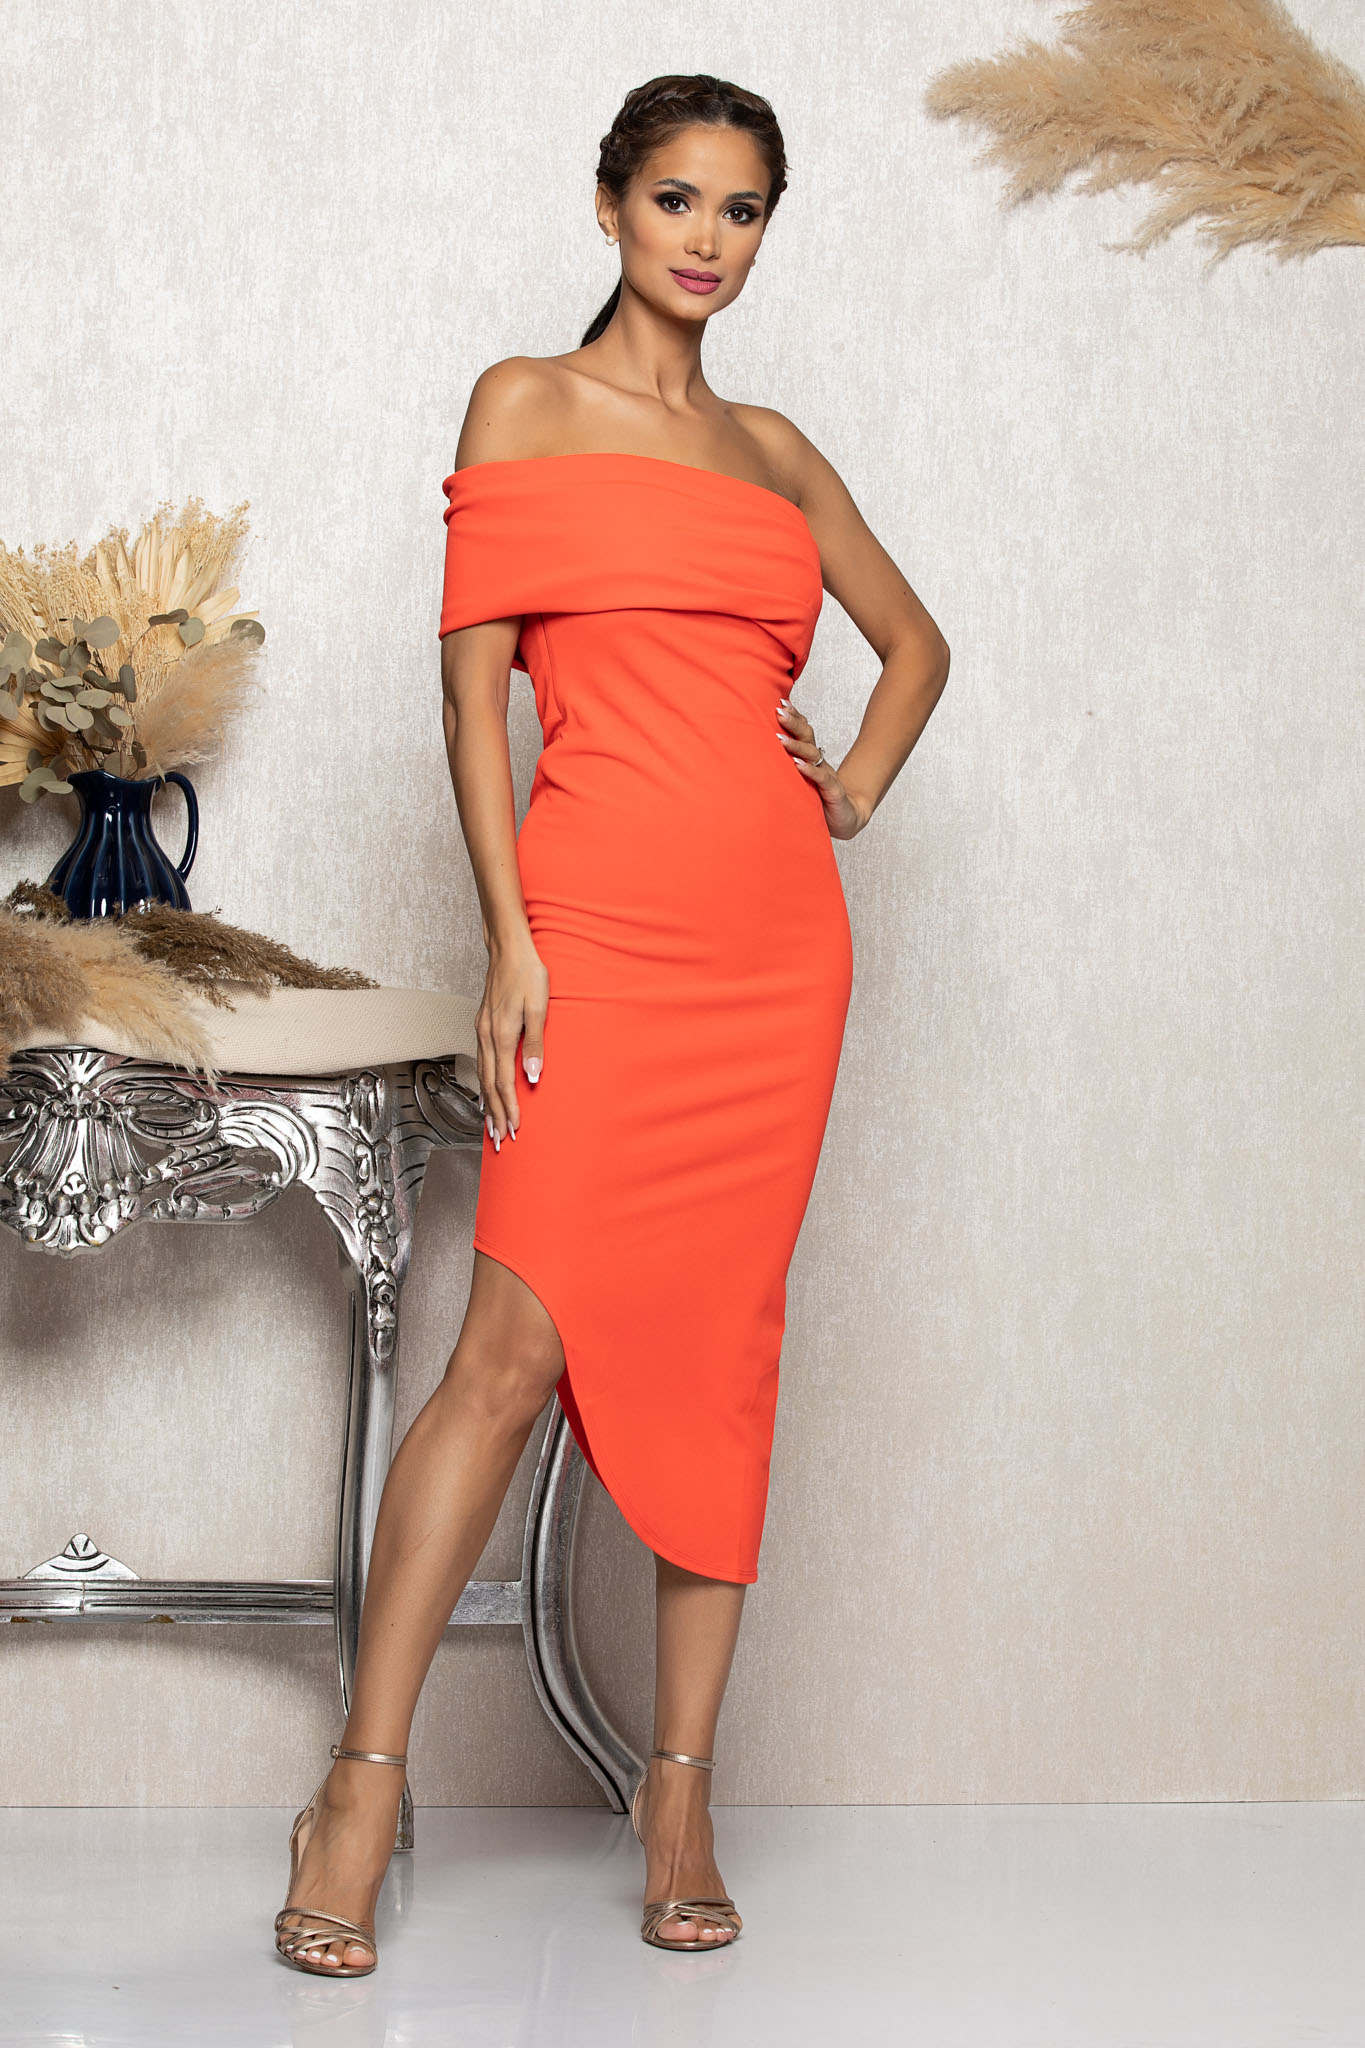 Rochie Esther Orange Marimi Mari XS (34) | S (36) | M (38) | L (40) | XL (42) | XXL (44)